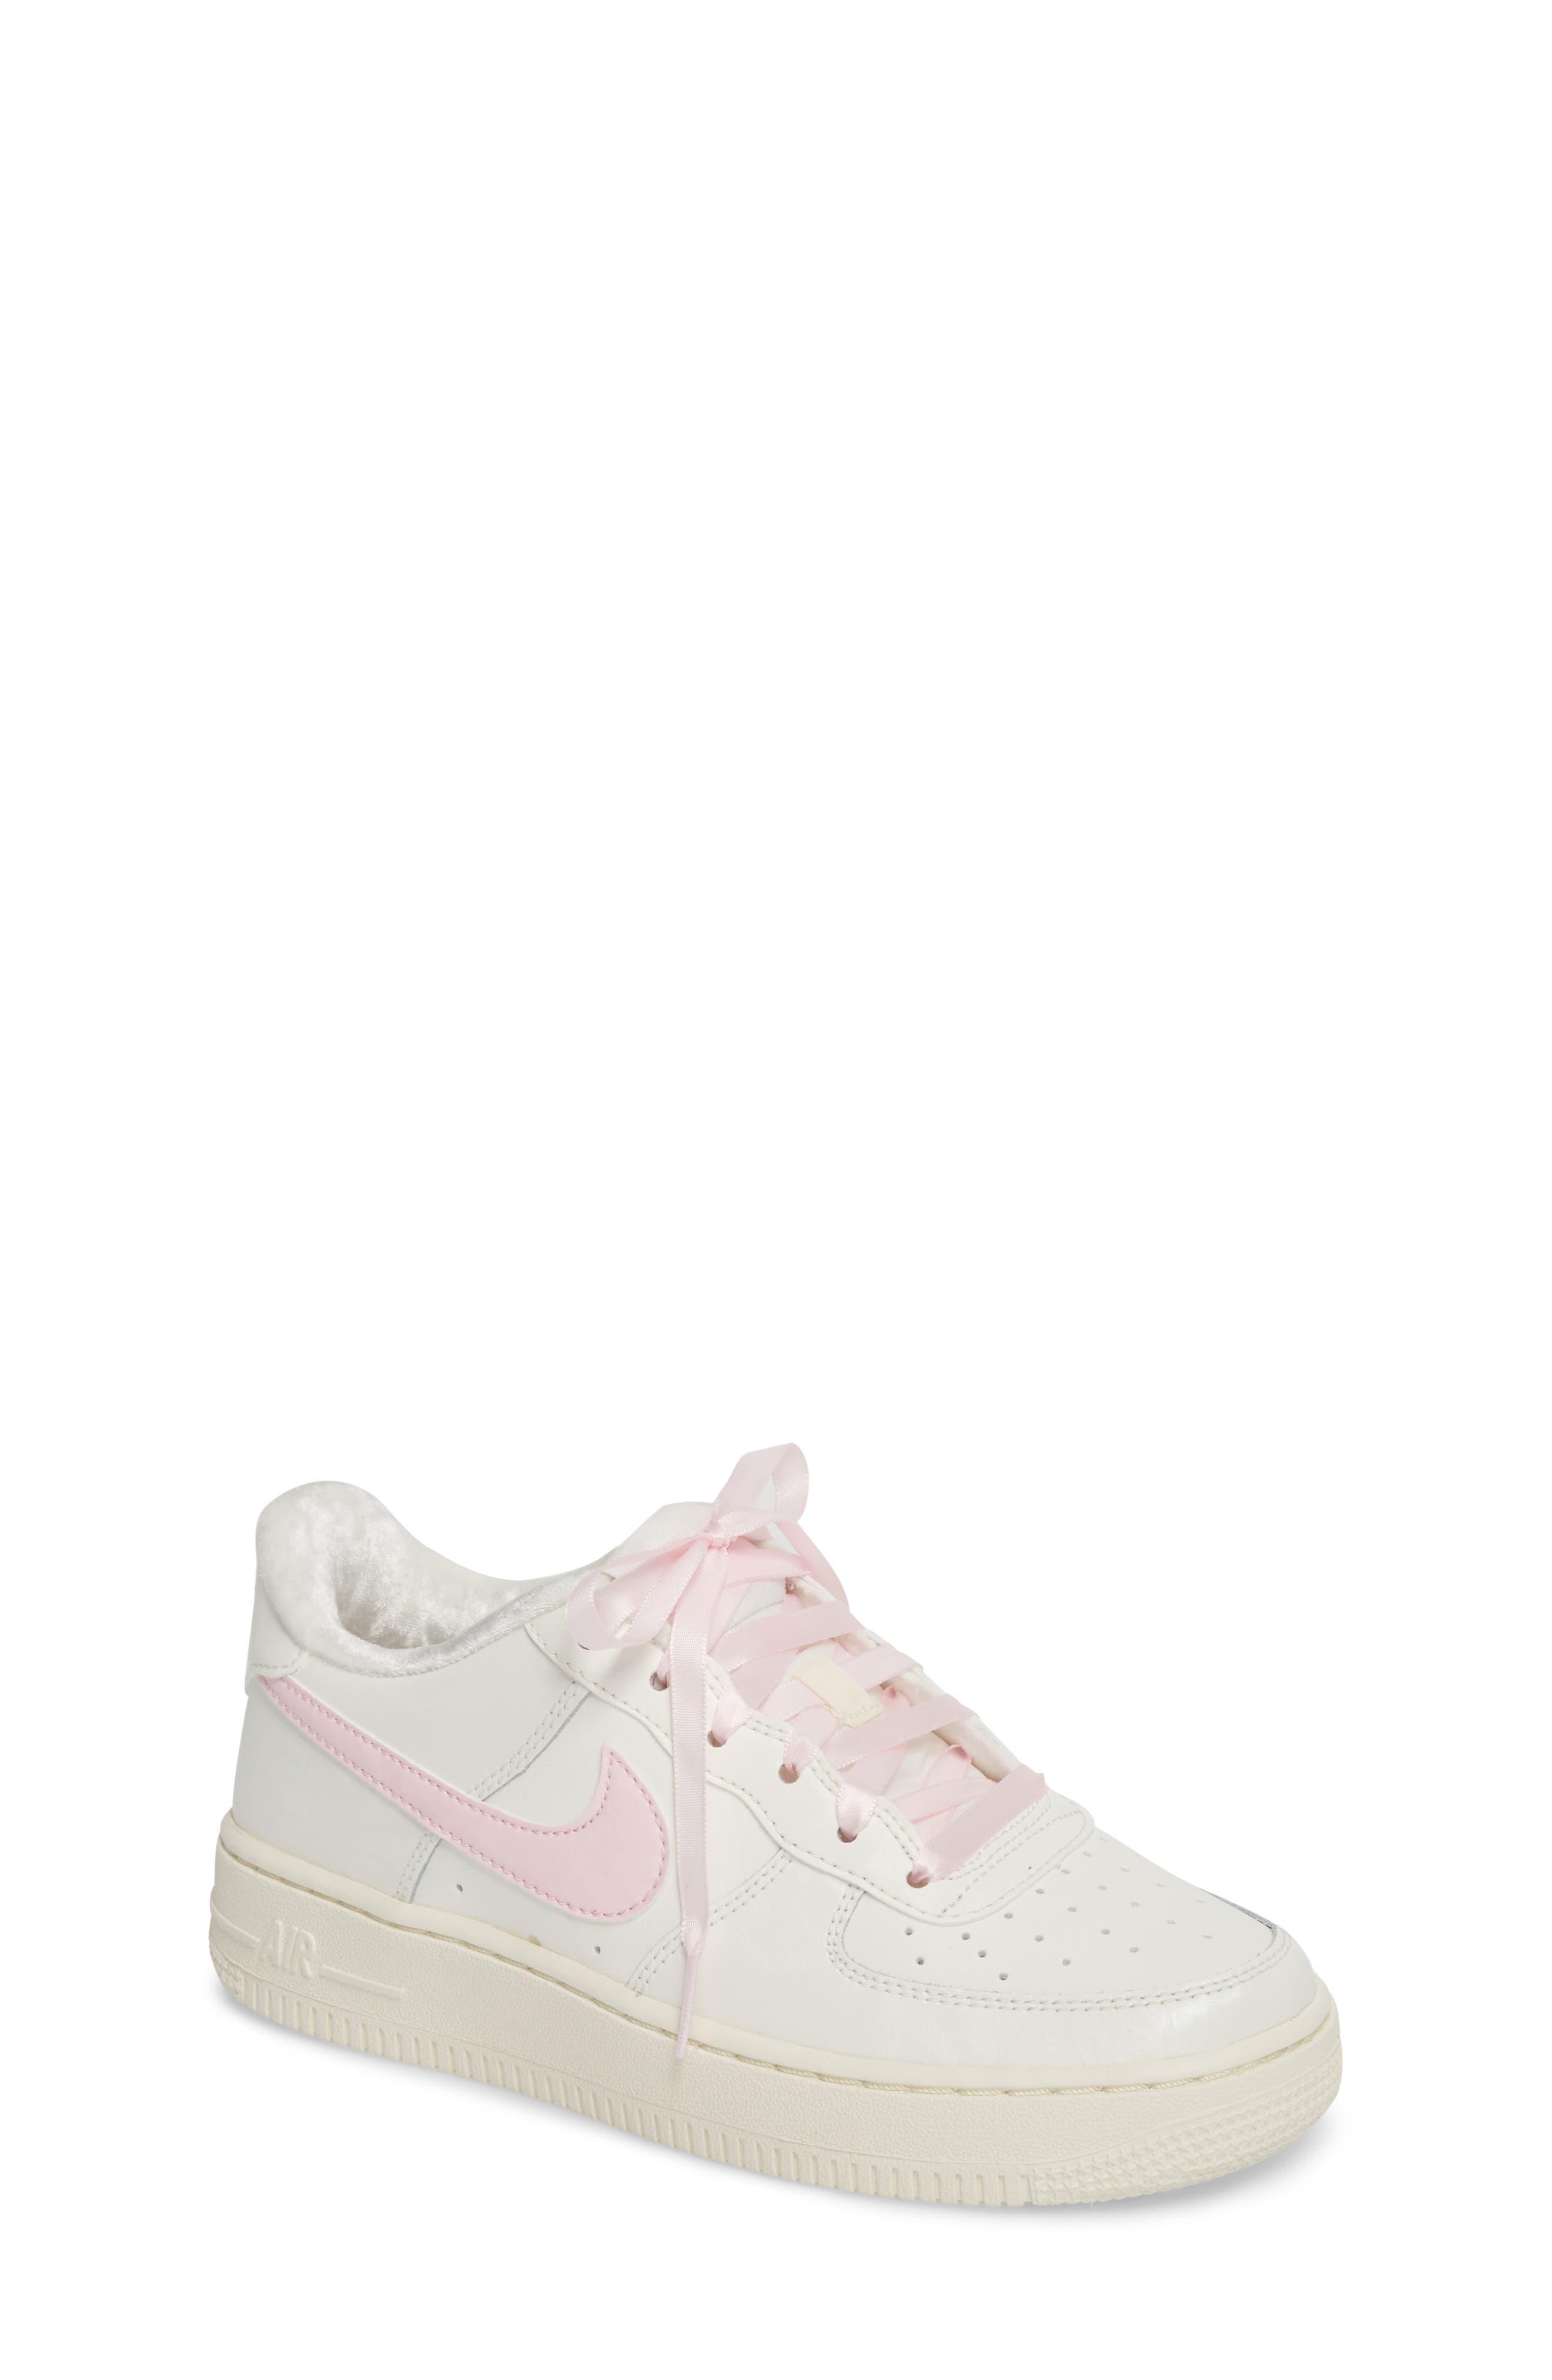 Air Force 1 '06 Sneaker,                         Main,                         color, Sail/ Arctic Pink